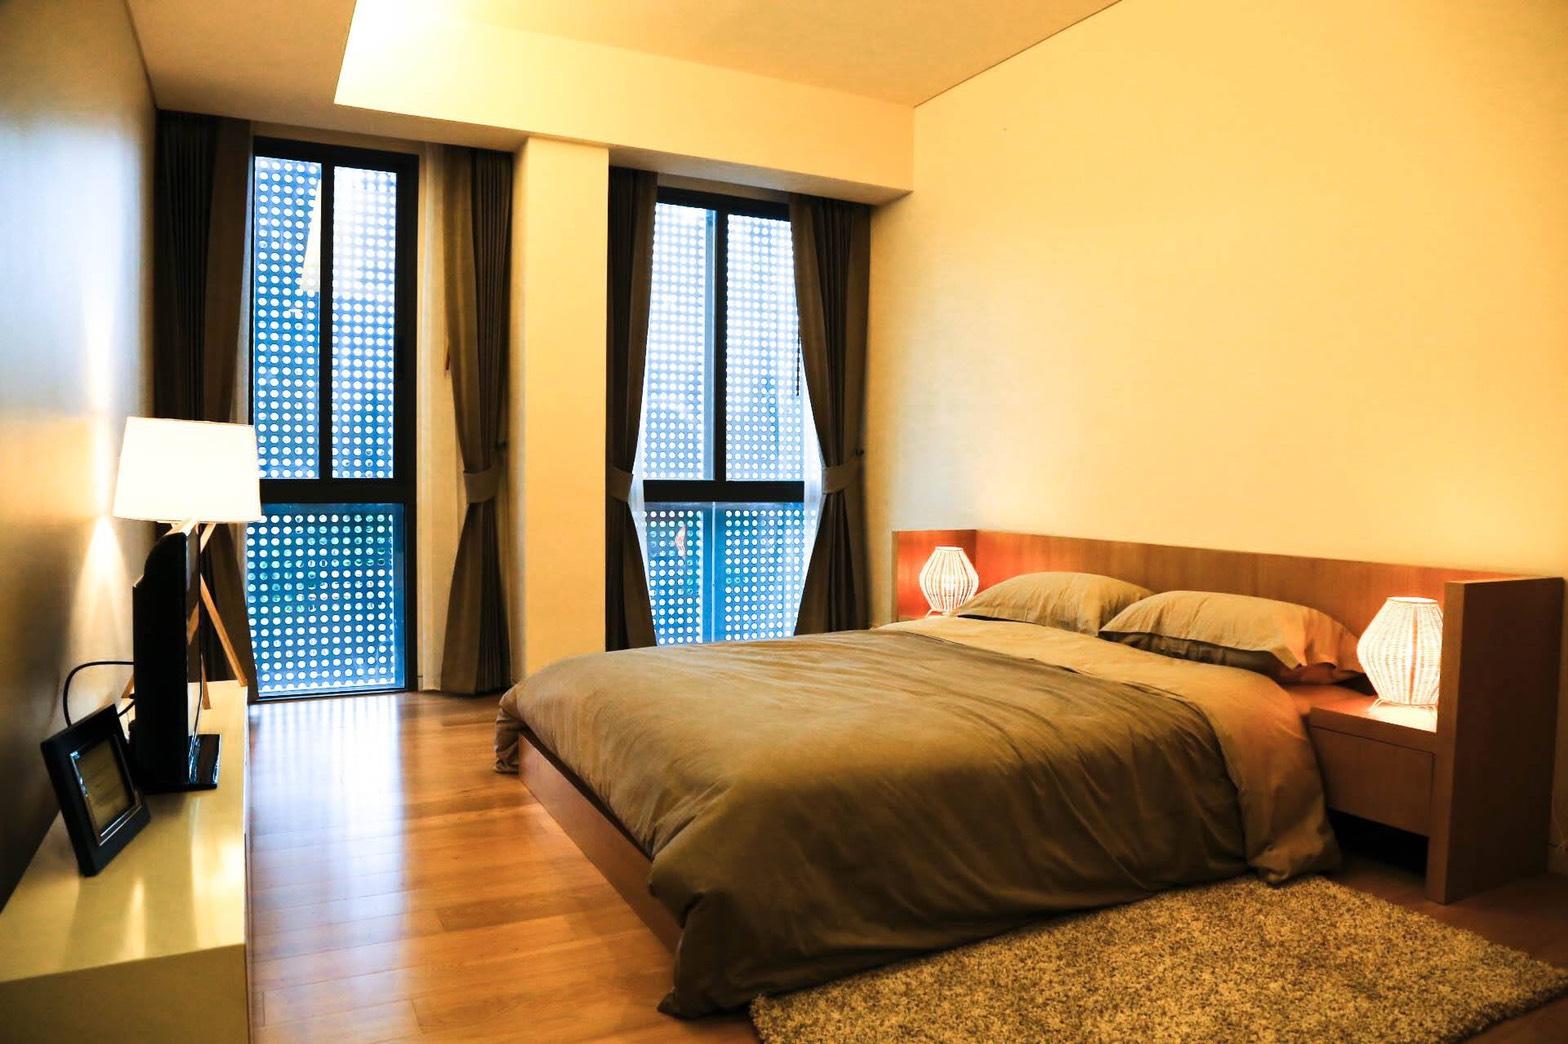 ภาพคอนโดให้เช่า ไซมิส จอยญ่า  ซอย ทวีสุข  คลองตันเหนือ วัฒนา 2 ห้องนอน พร้อมอยู่ ราคาถูก